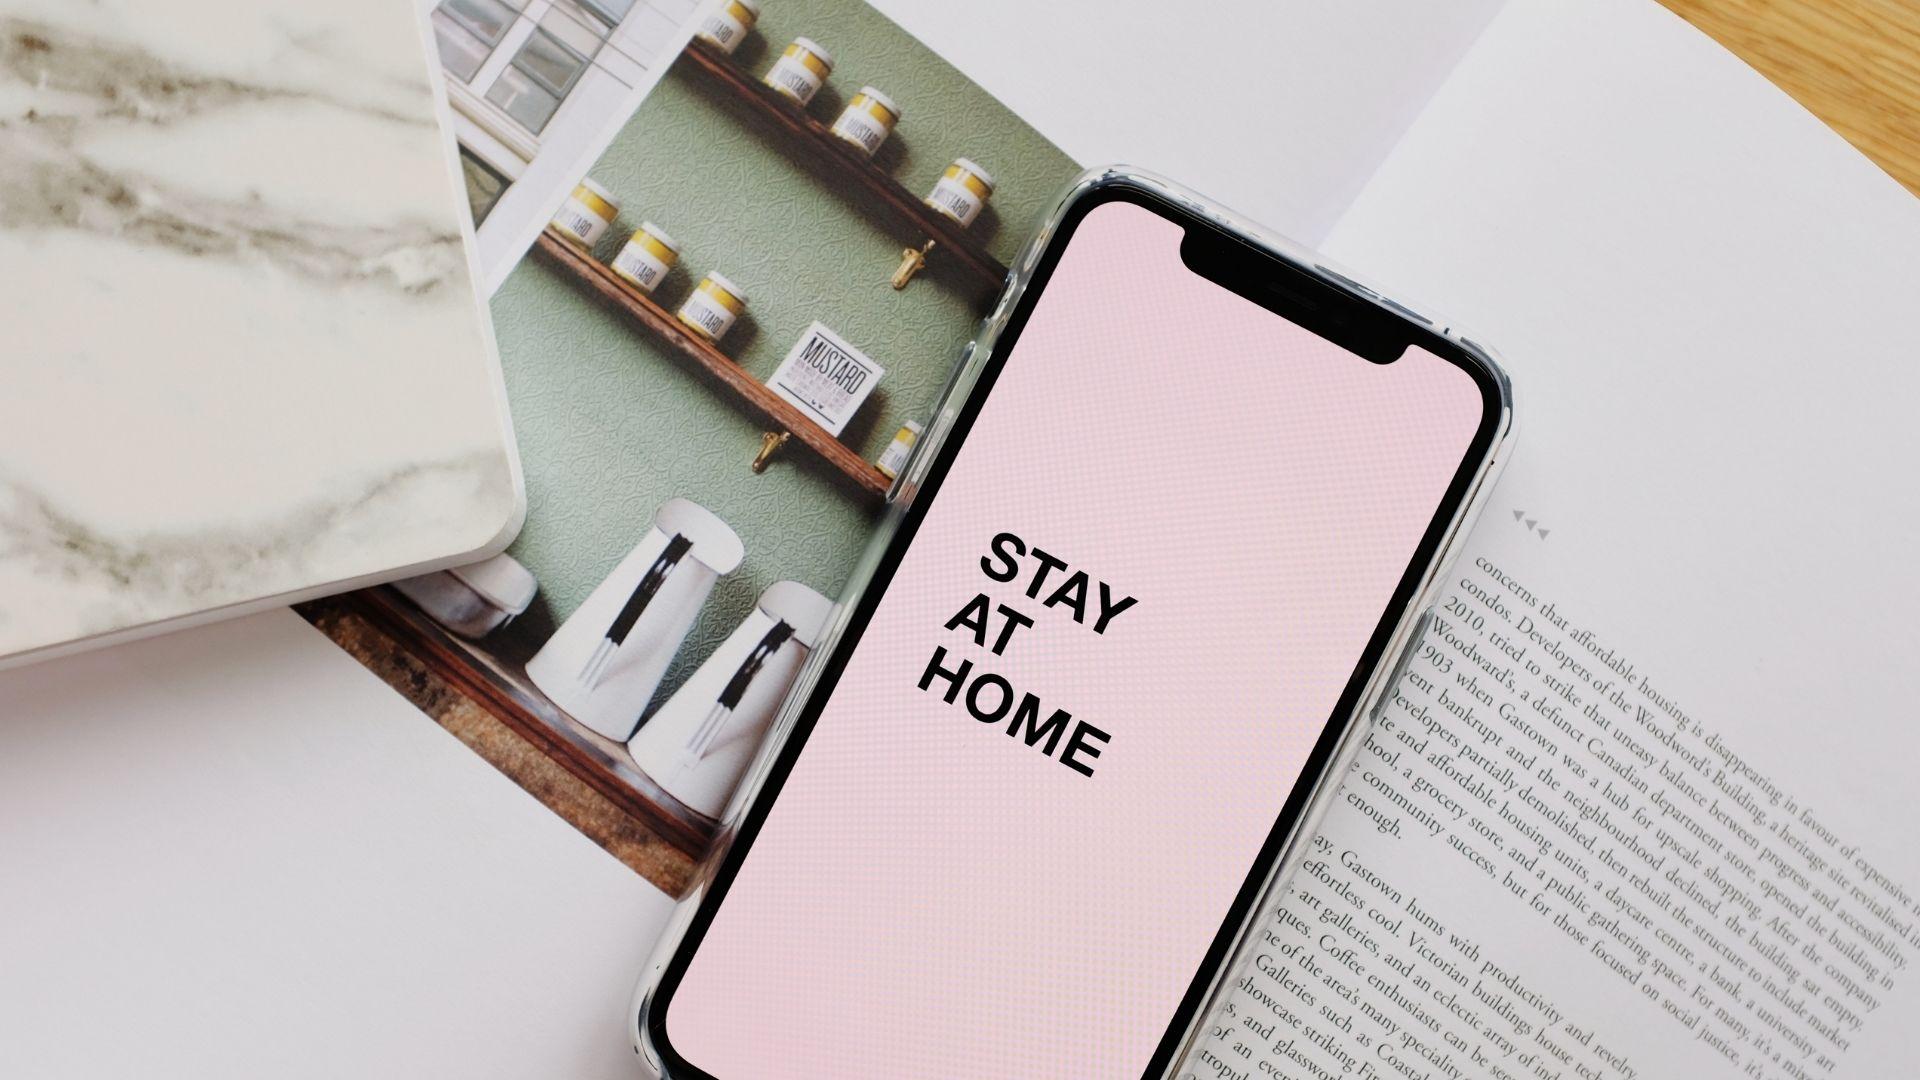 #Stayathome – Tipps für die Zeit zu Hause